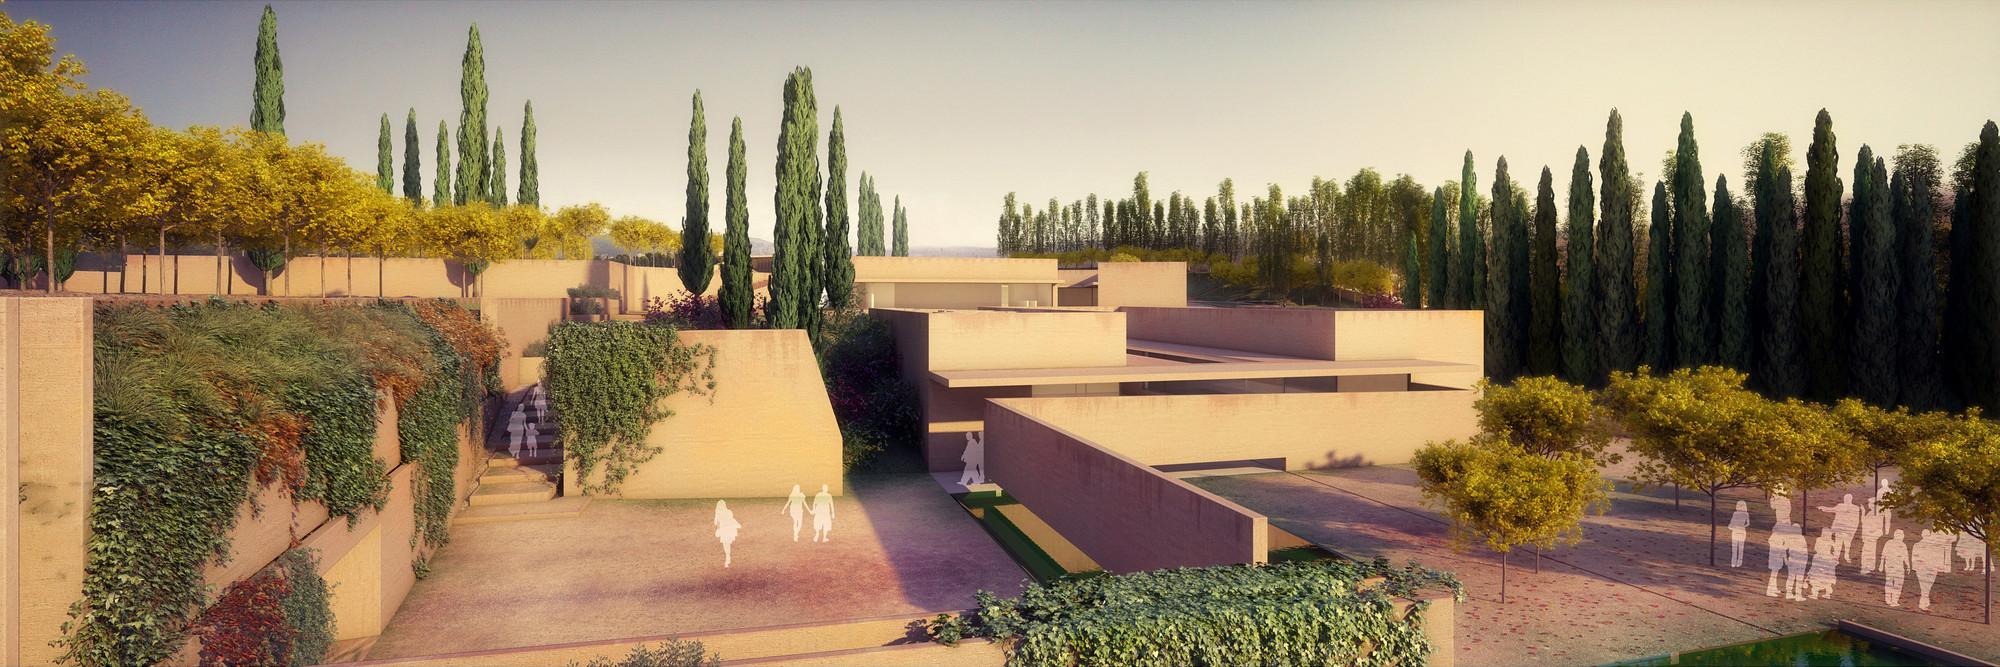 España: construcción del nuevo atrio de la Alhambra diseñado por Álvaro Siza levanta polémica, © Alvaro Siza Vieira + Juan Domingo Santos; Rendering by LT Studios